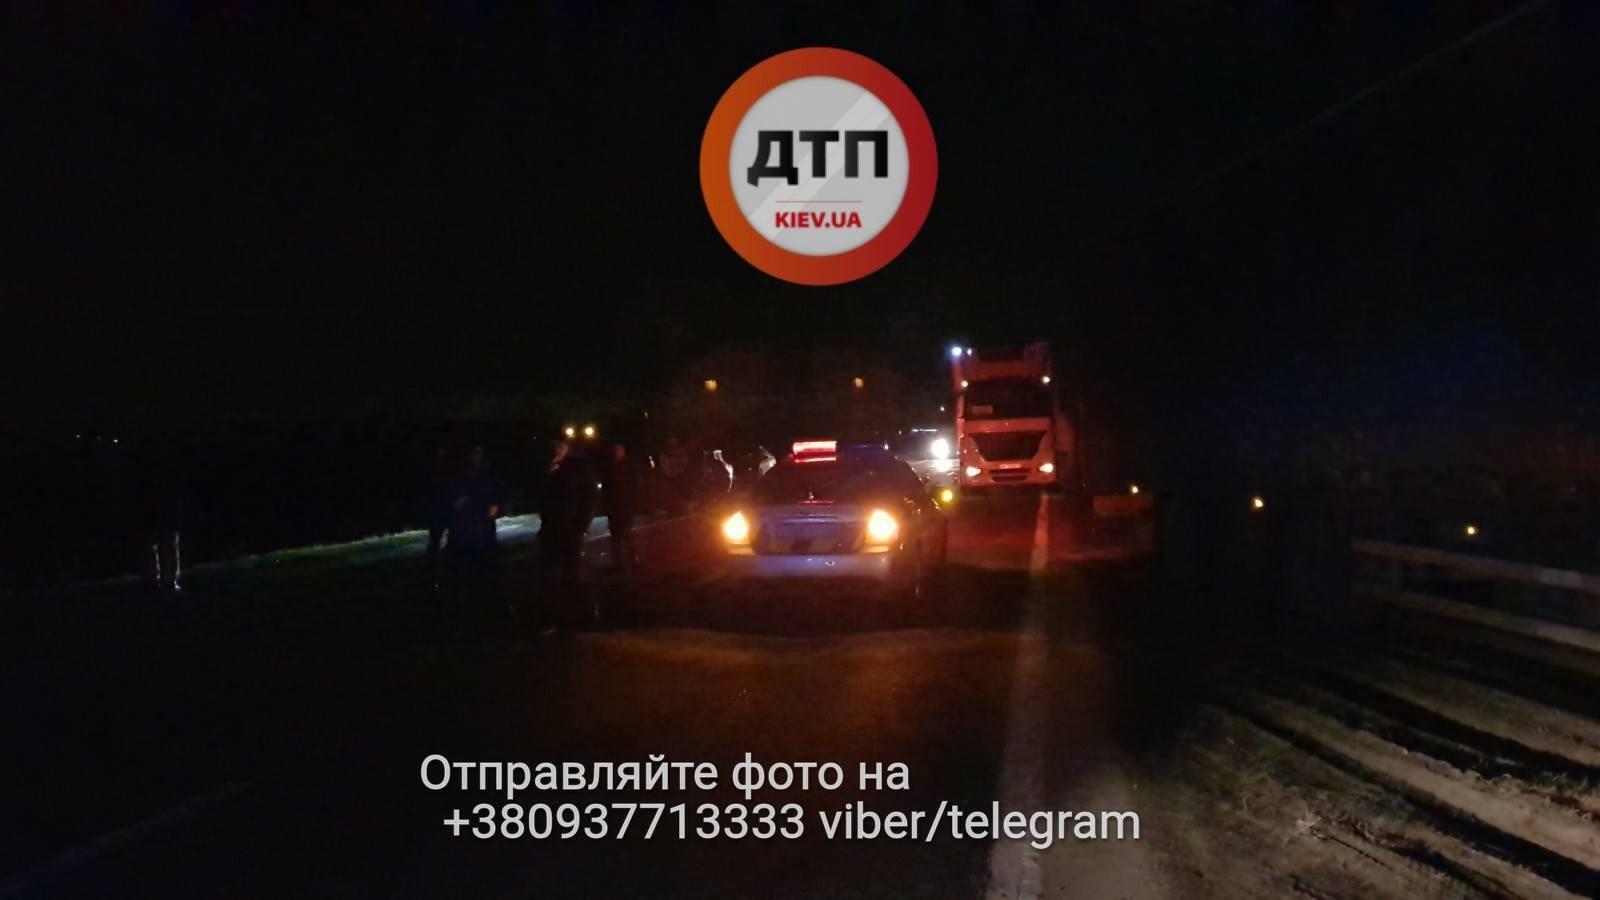 Сімейній парі знесло голови у страшному ДТП під Києвом